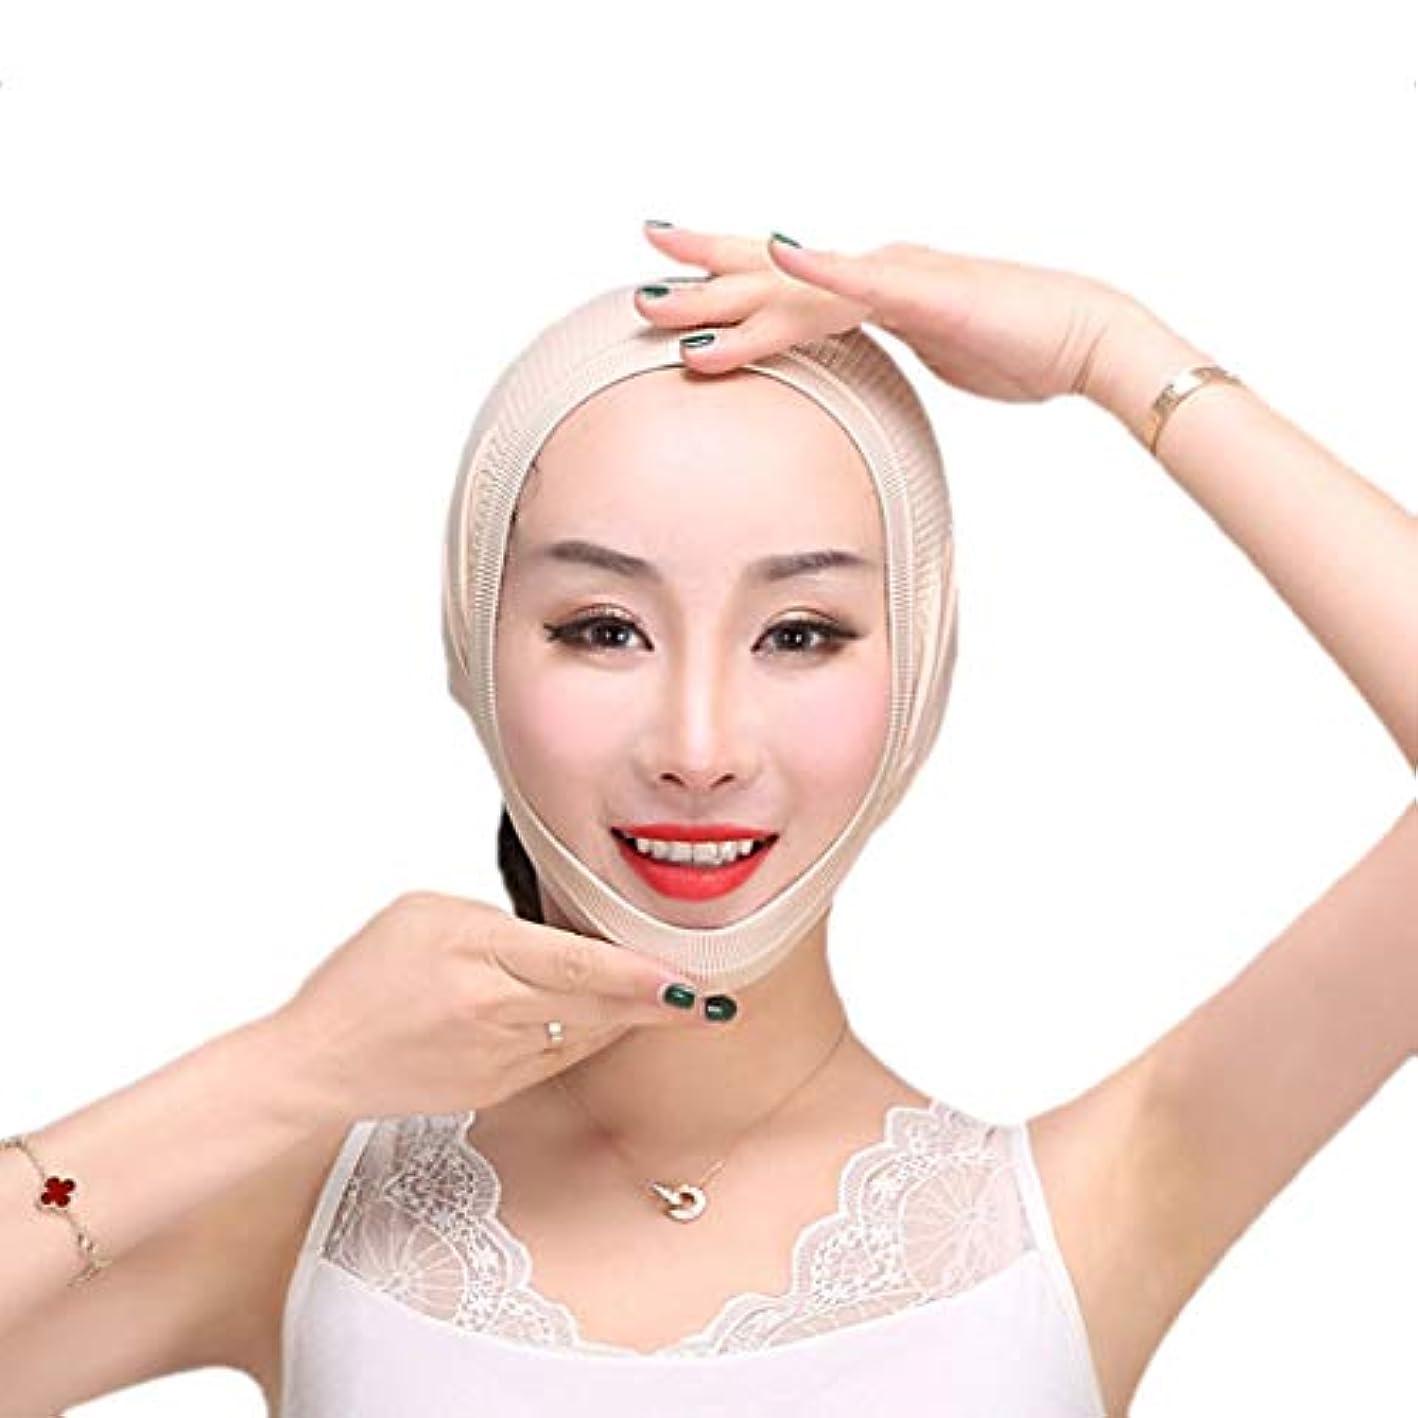 ブランド潮散逸XHLMRMJ フェイスリフトマスク、フェイススリミングマスク、チンストラップ、フェイスマッサージ、フェイシャル減量マスク、チンリフティングベルト(ワンサイズ)